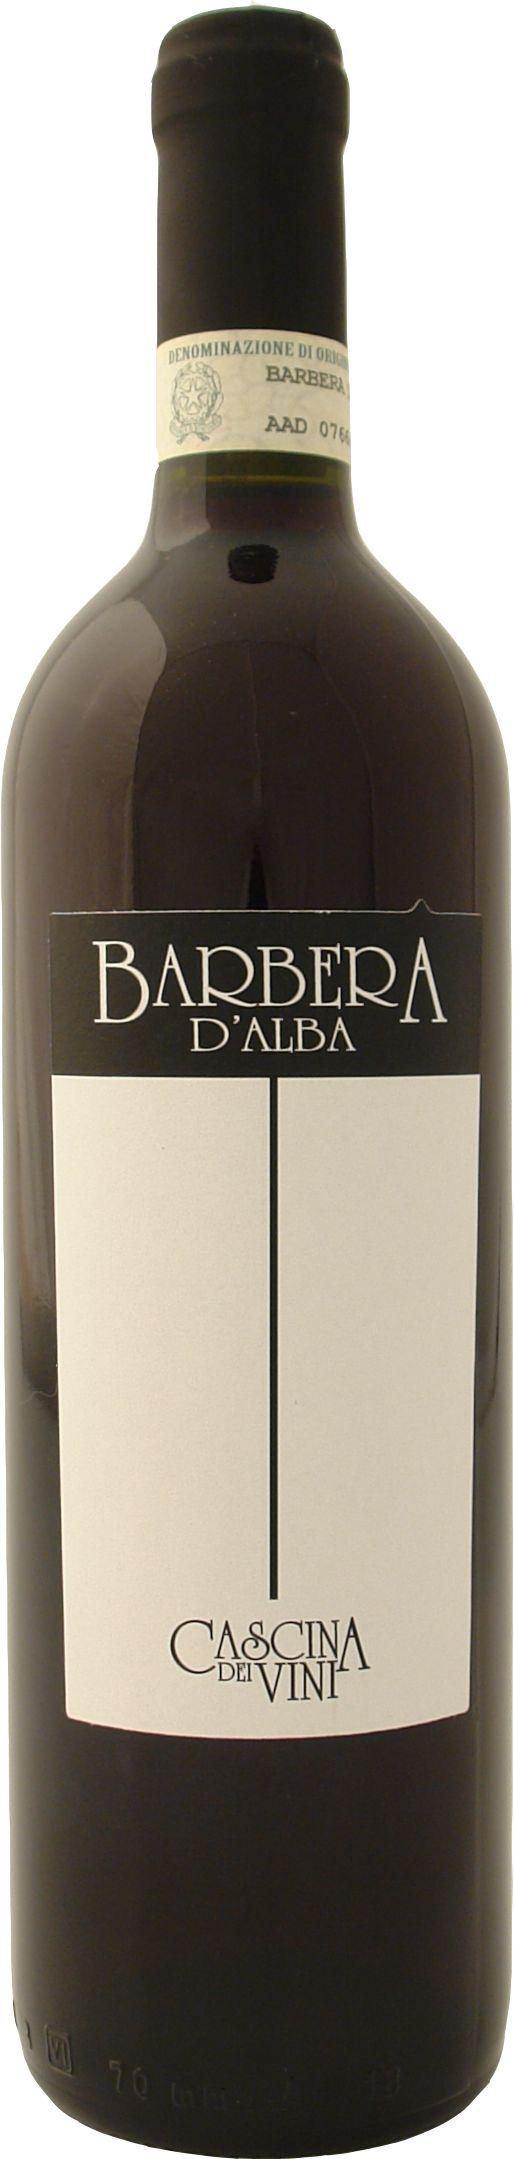 Barbera d'Alba DOC - Cascina dei Vini - Bernard - Il Sapore della Natura